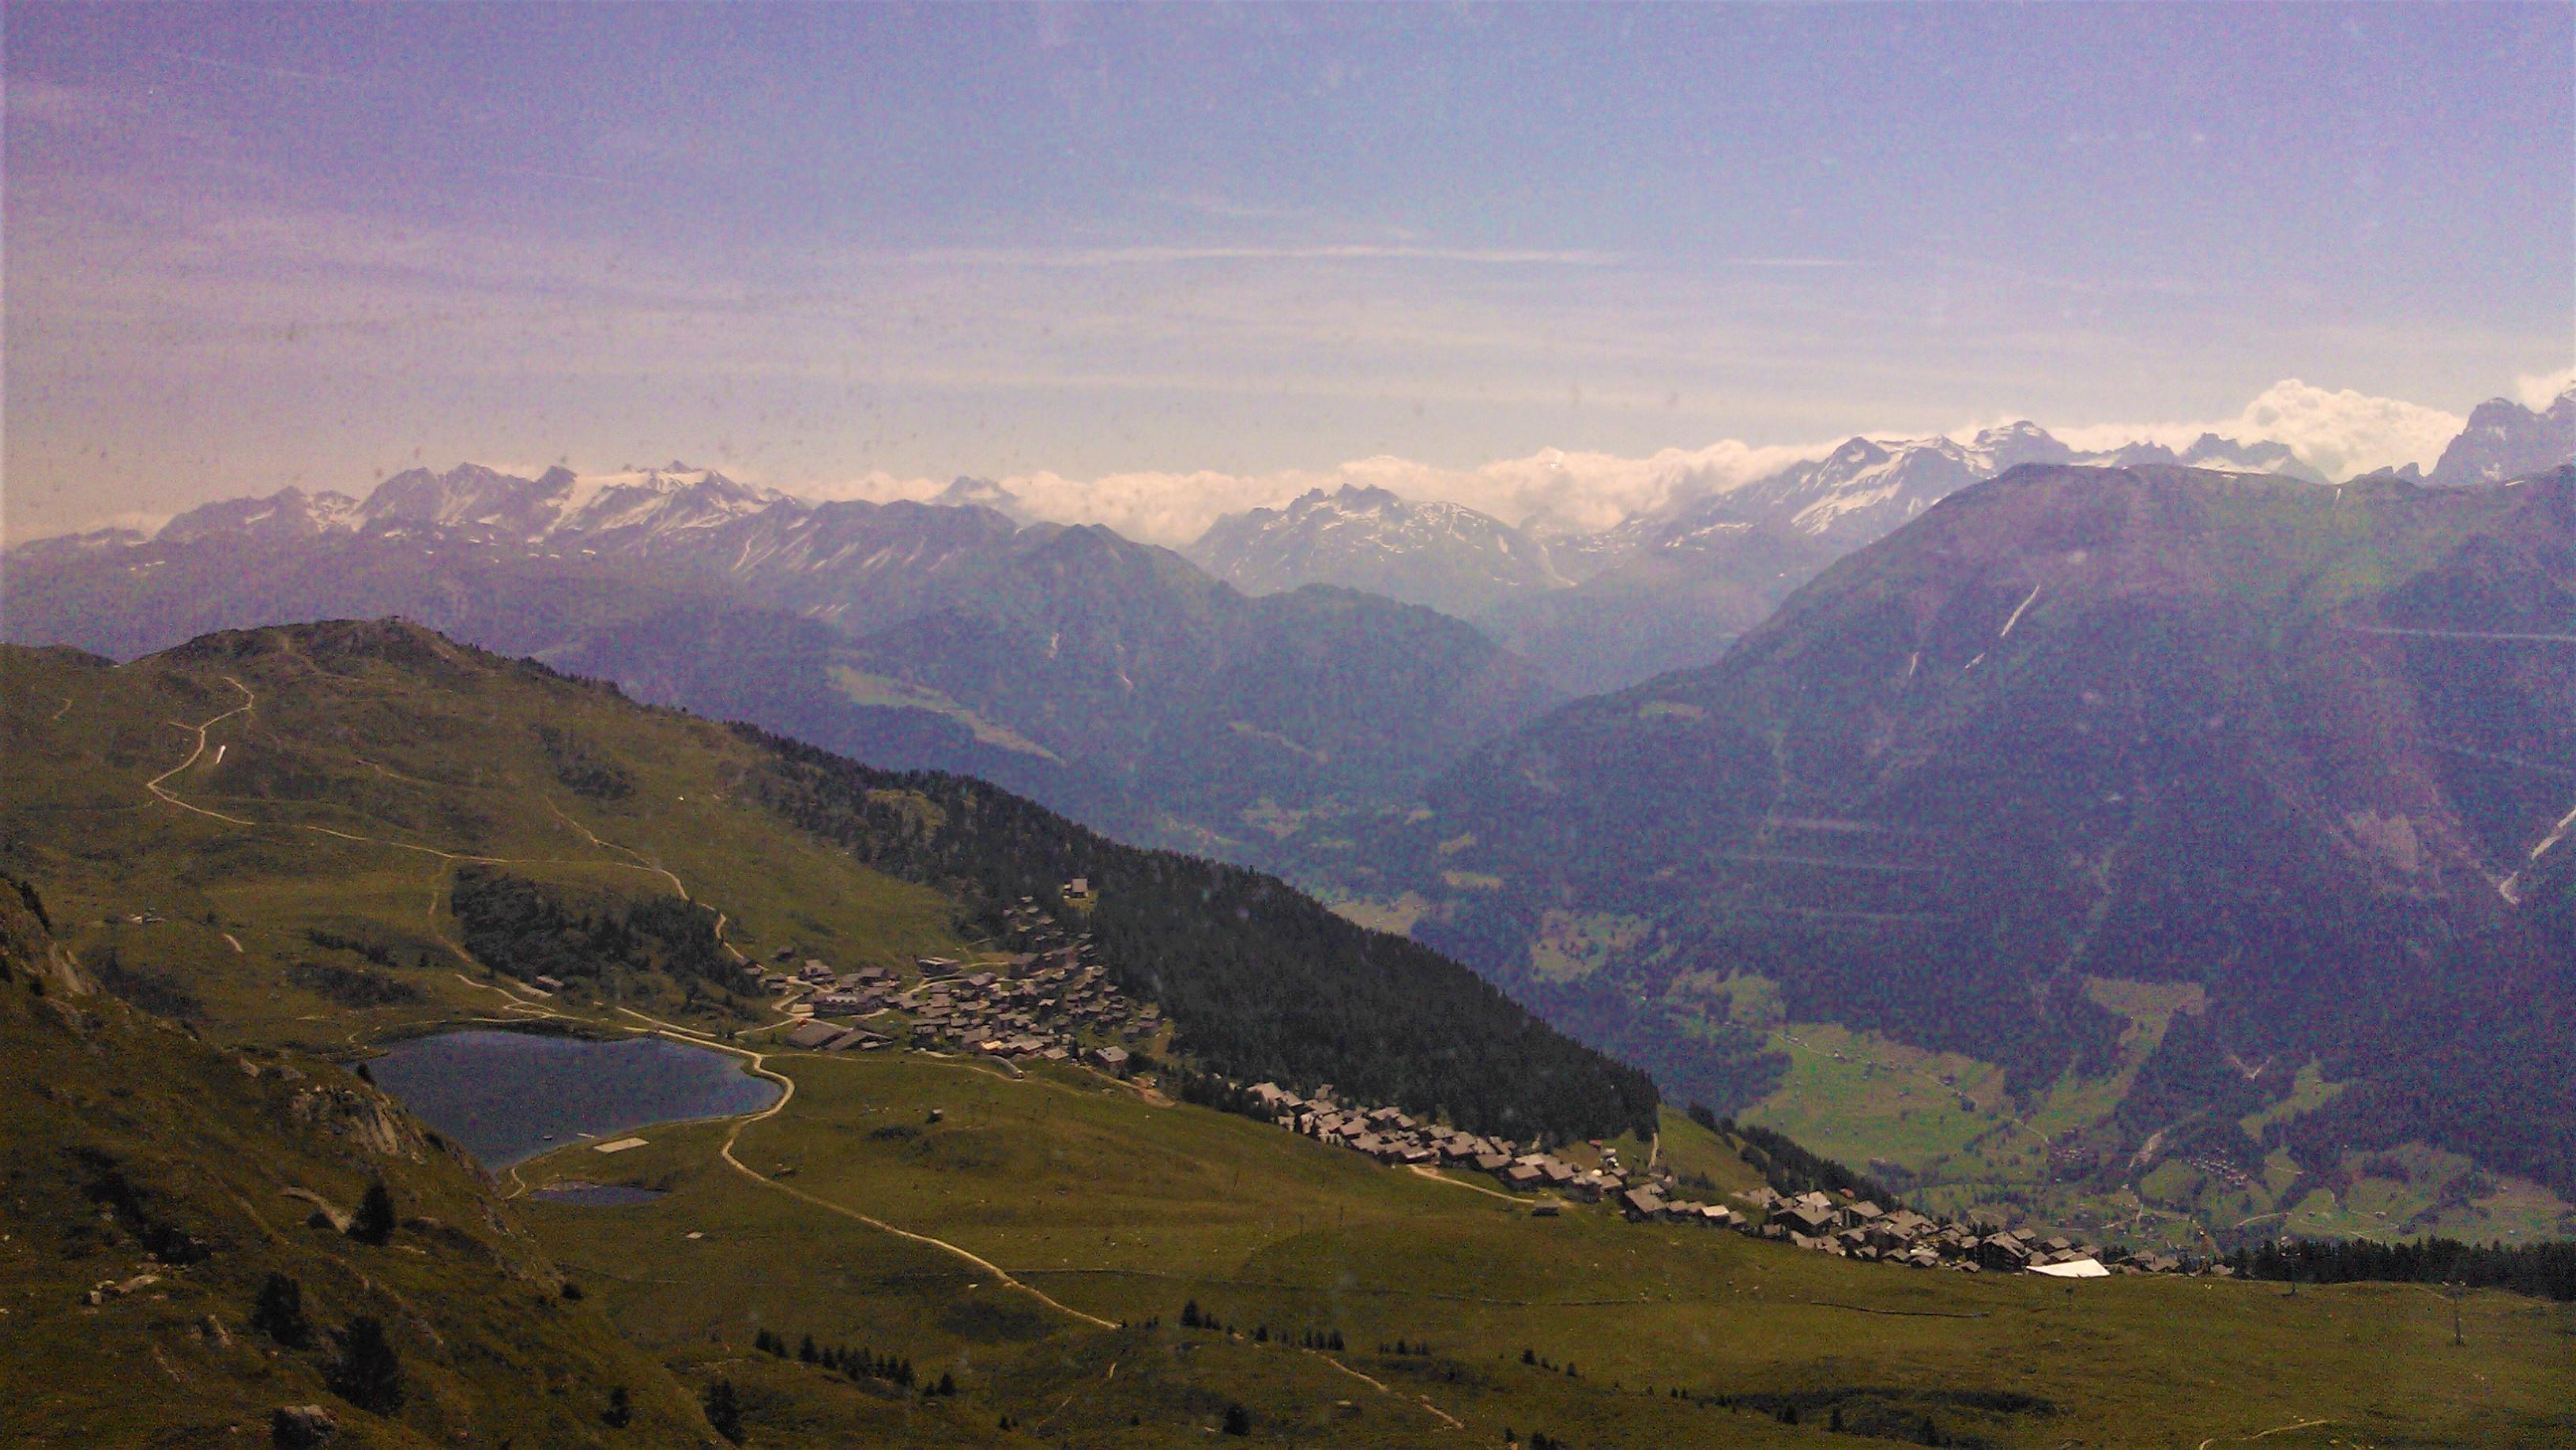 suisse alpes montagnes que voir ou aller canton valais glacier aletsch blog voyage arpenter le chemin